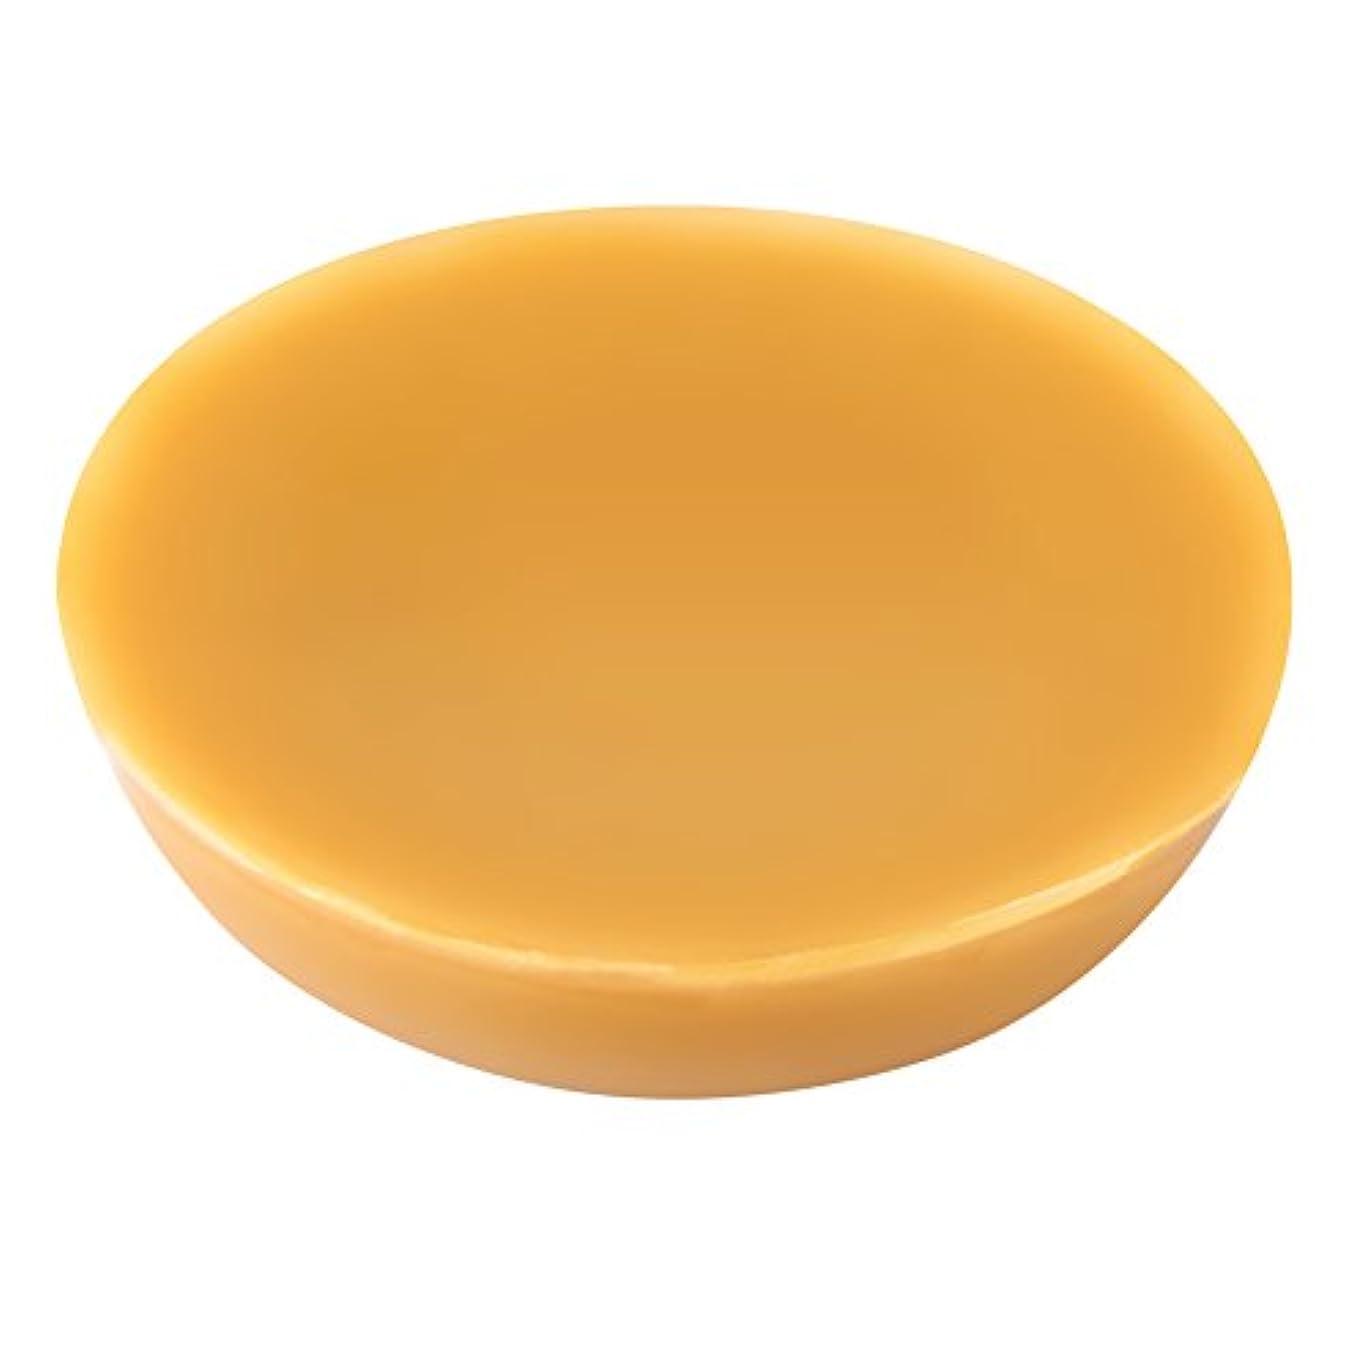 リンケージ議会測定可能自然な蜜蝋、石鹸の化粧品の口紅のための食品等級の自然で純粋な蜂のワックス